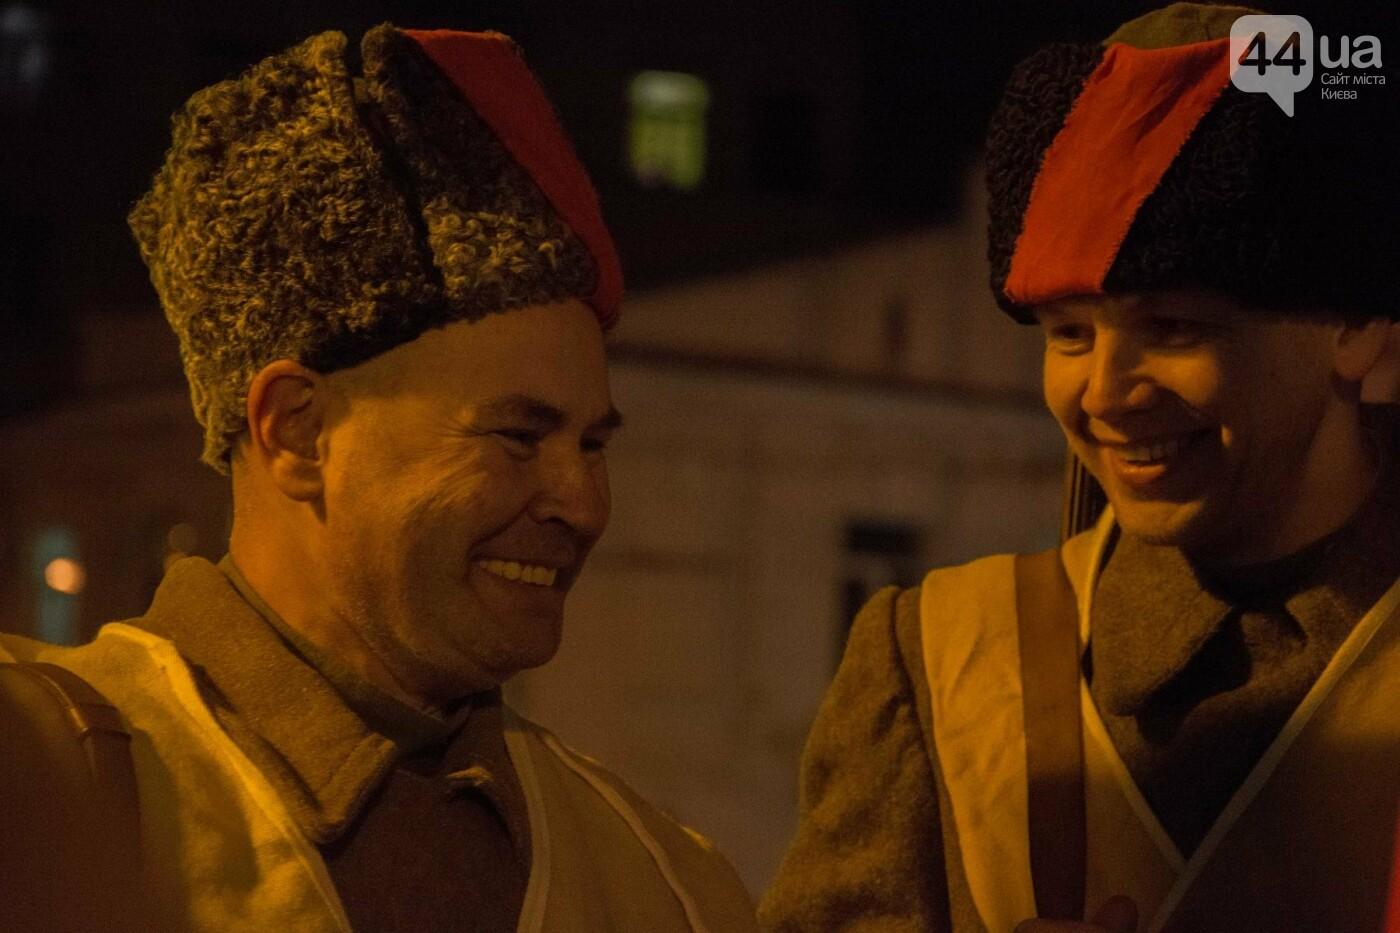 В Киеве провели реконструкцию боя за завод Арсенал (ФОТОРЕПОРТАЖ), фото-14